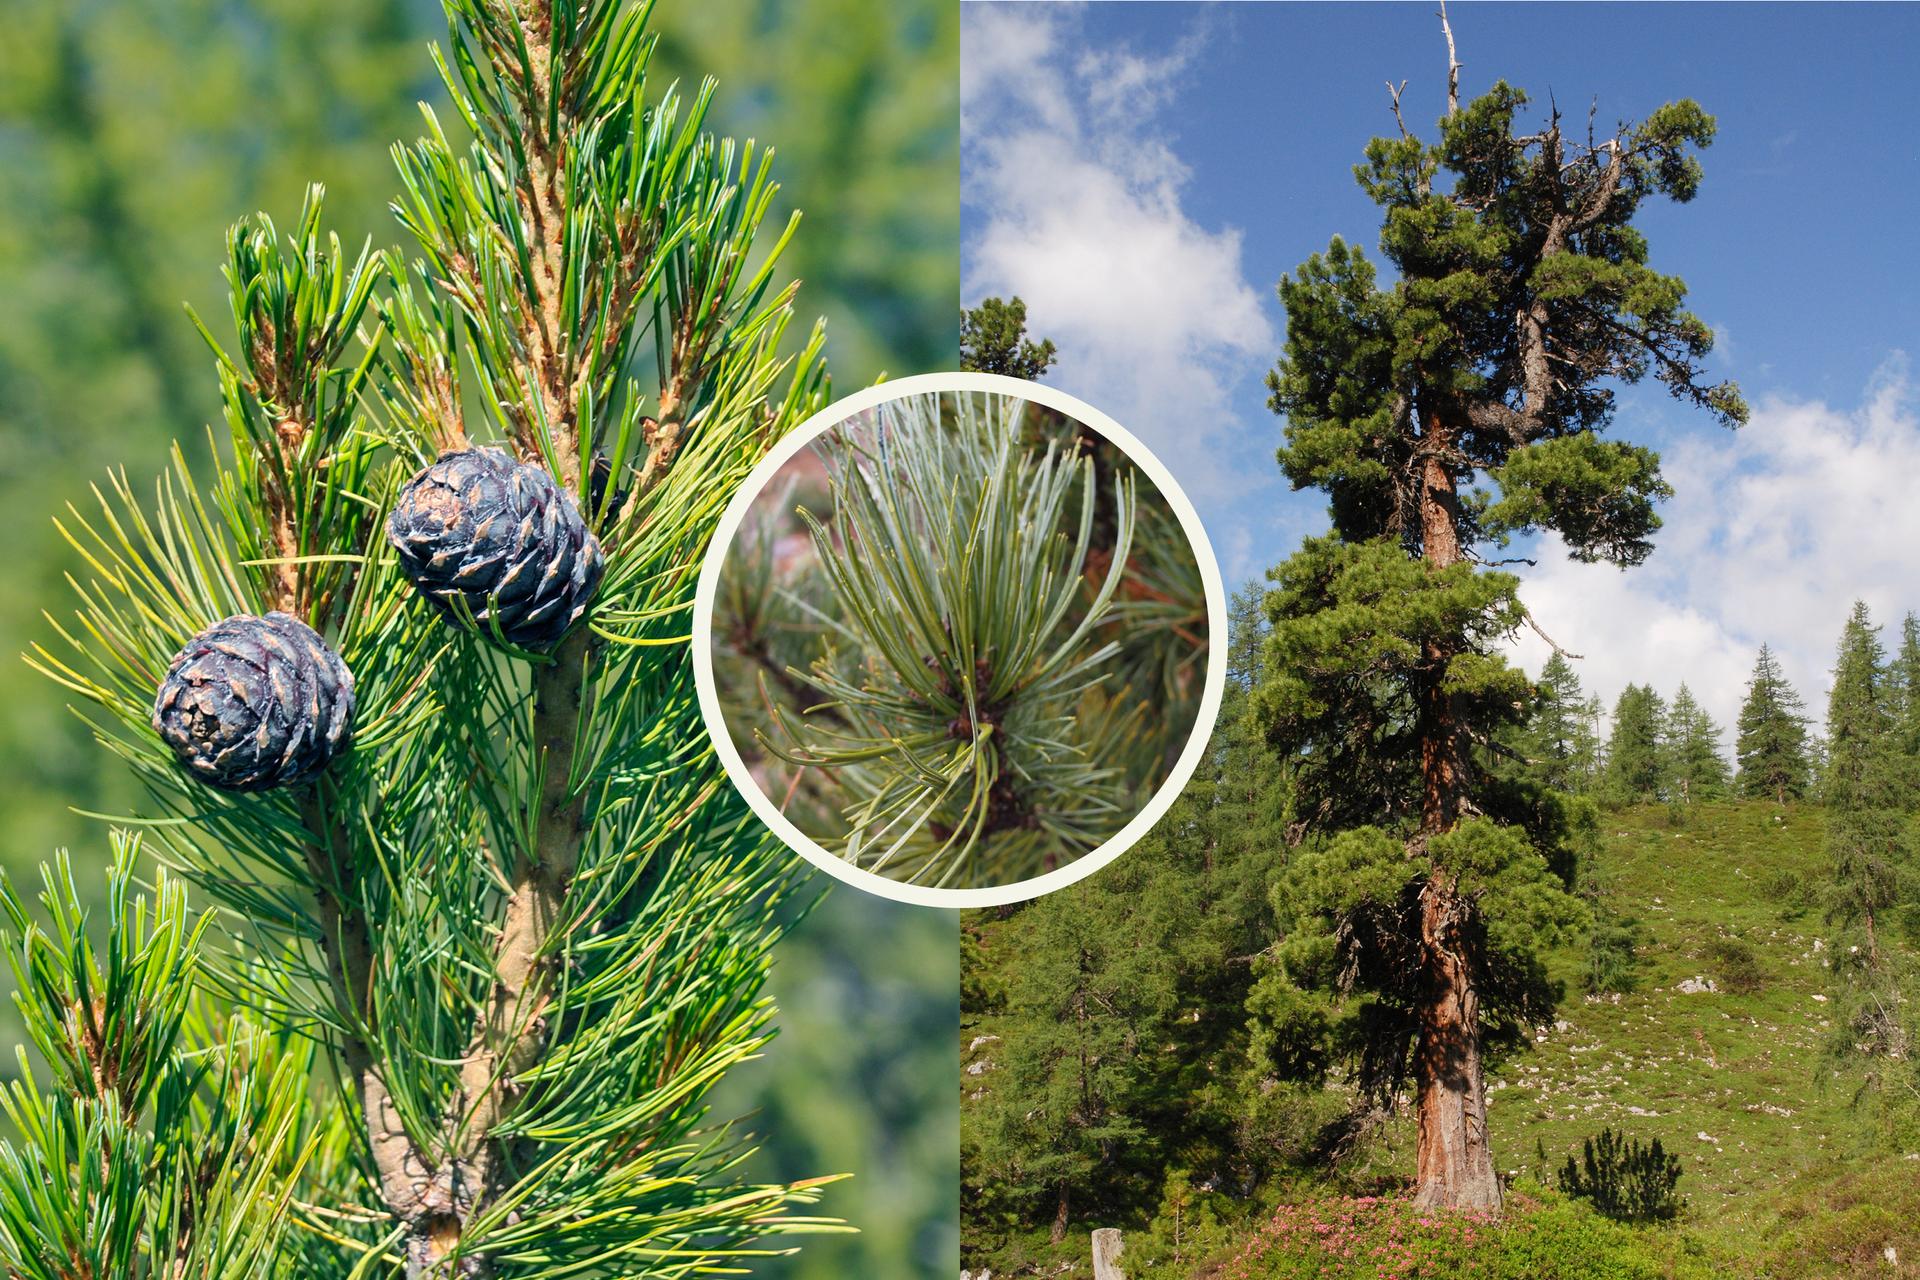 Fotografia zlewej przedstawia wzniesioną gałąź sosny limby zdługimi igłami po dwie wpęczku. Zgałęzi wyrastają dwie małe, okrągłe fioletowe szyszki. Kółko wcentrum przedstawia zbliżenie pędu limby: brązowa gałązka zpęczkami zielonych liści. Po prawej fotografia przedstawia duże drzewo wgórskim krajobrazie. Wdali inne drzewa.